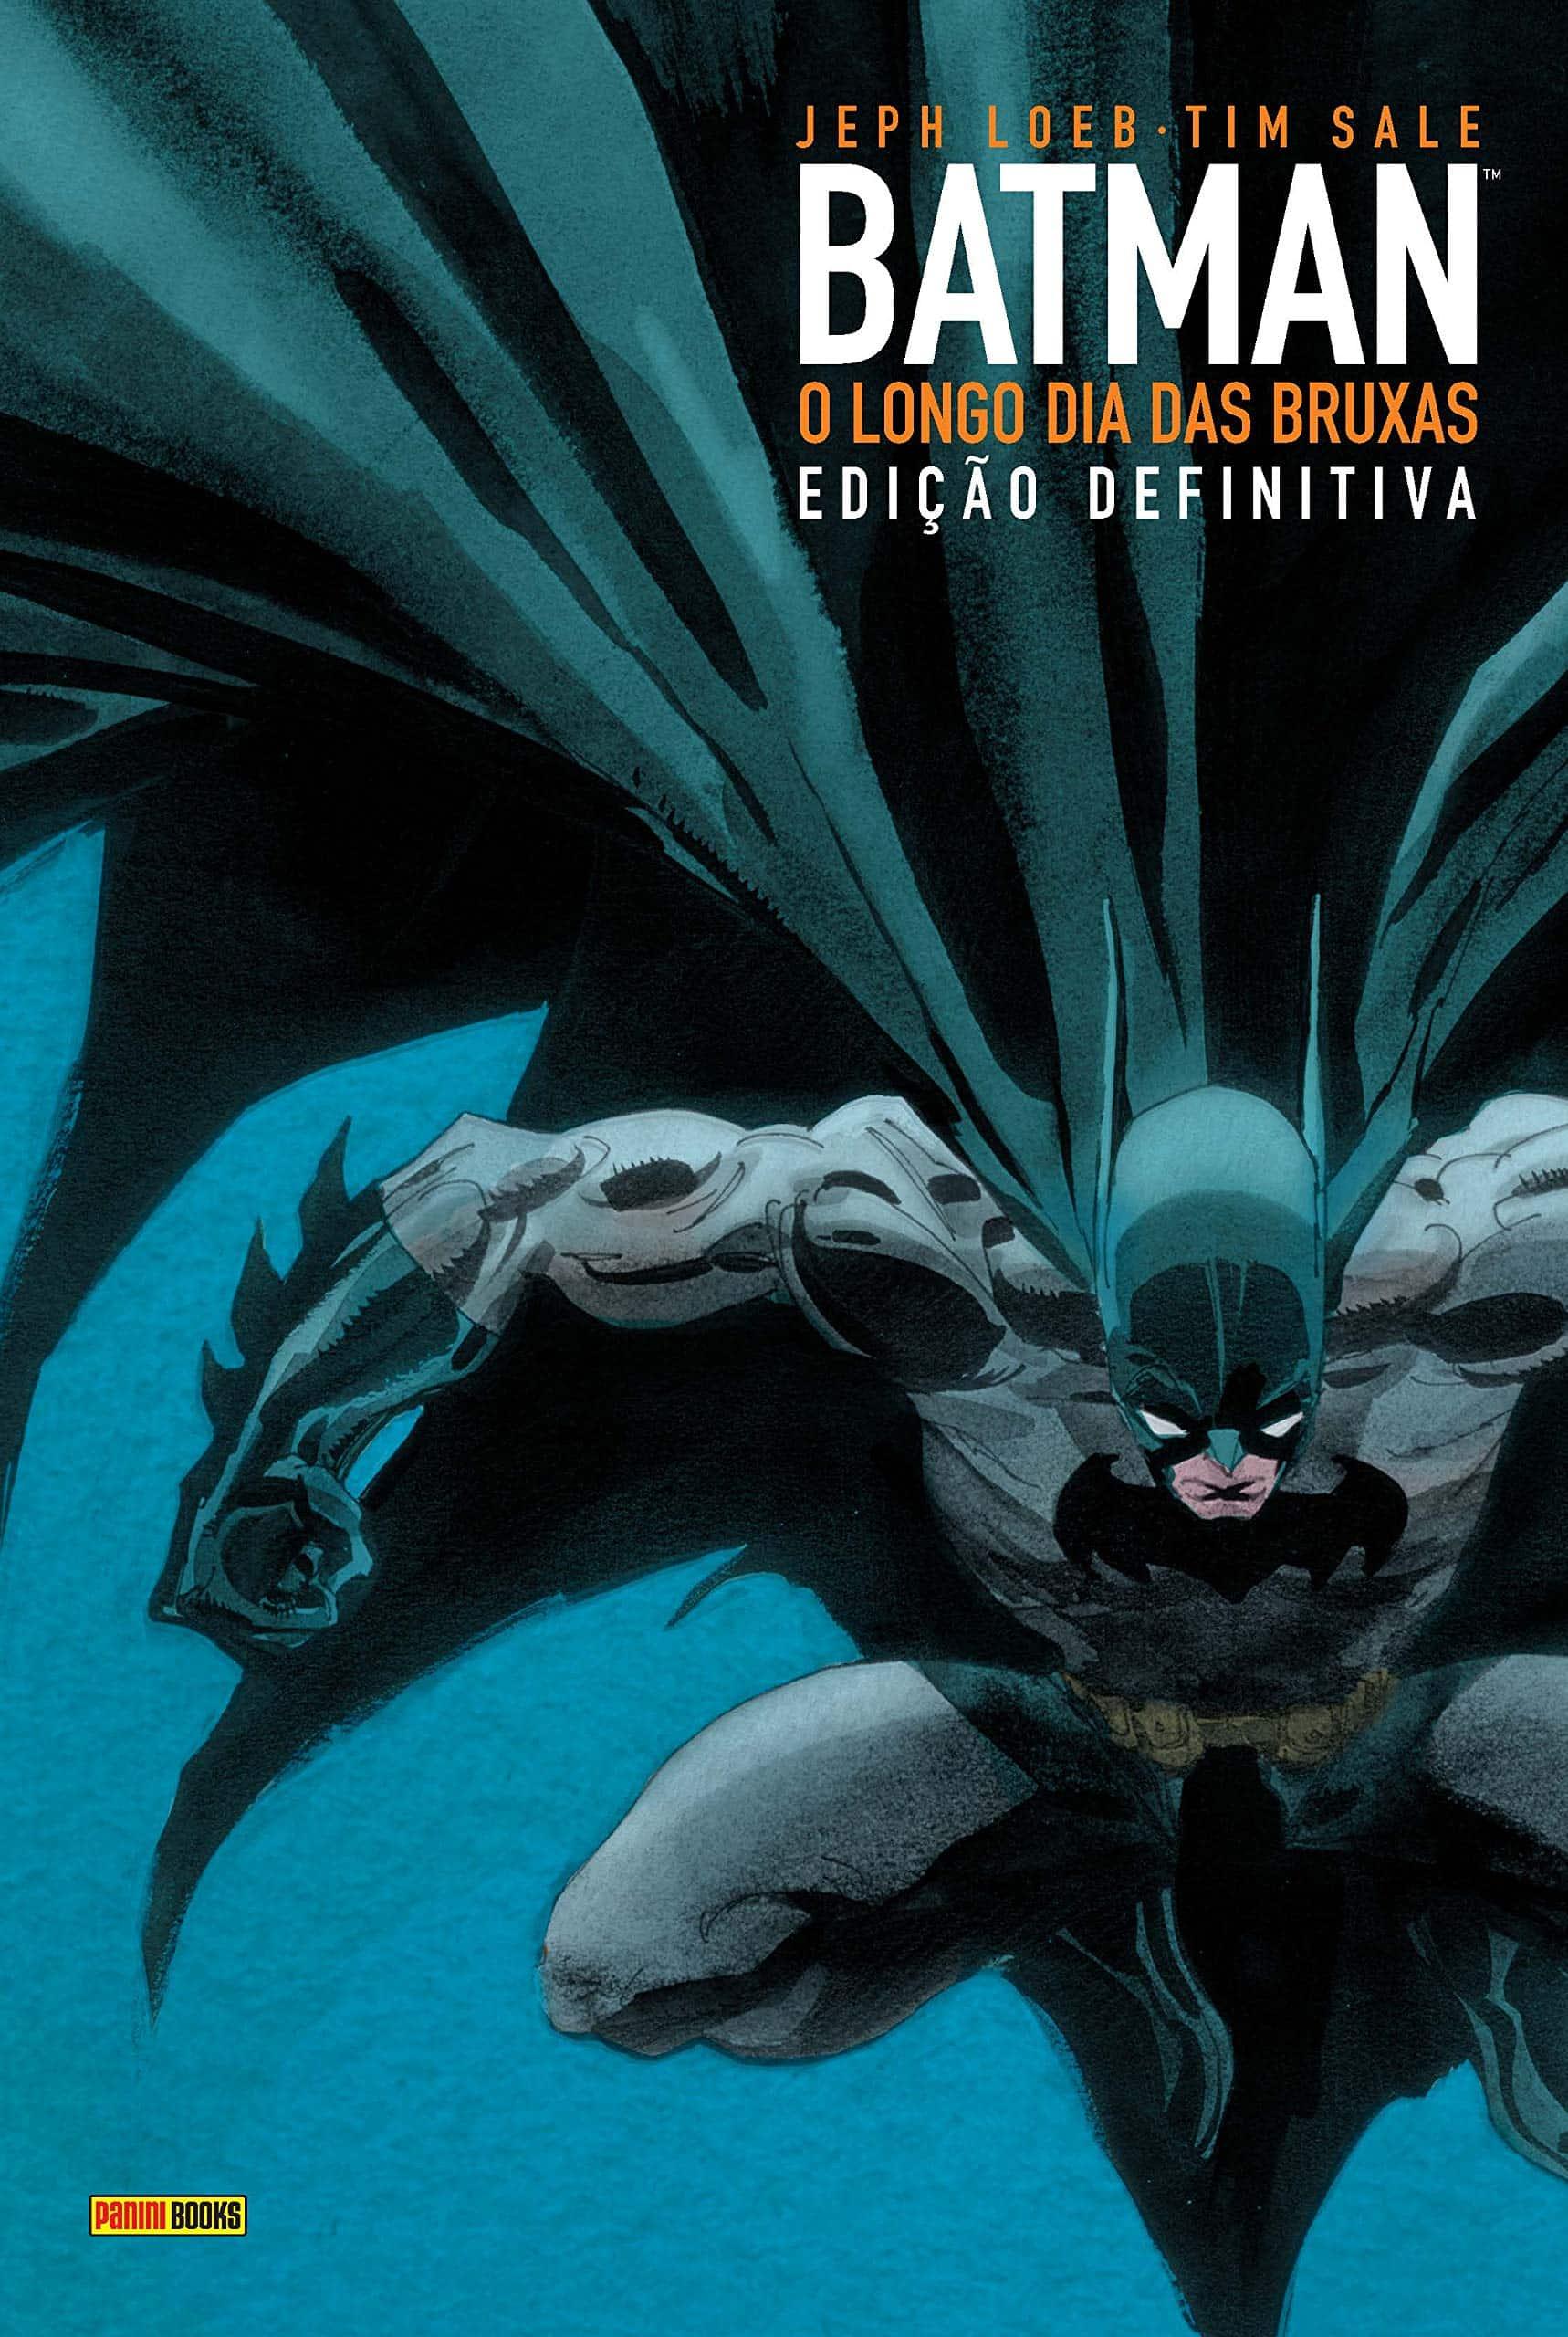 Batman: O Longo Dia das Bruxas | Adaptação animada da DC ganha primeiro trailer. Confira!